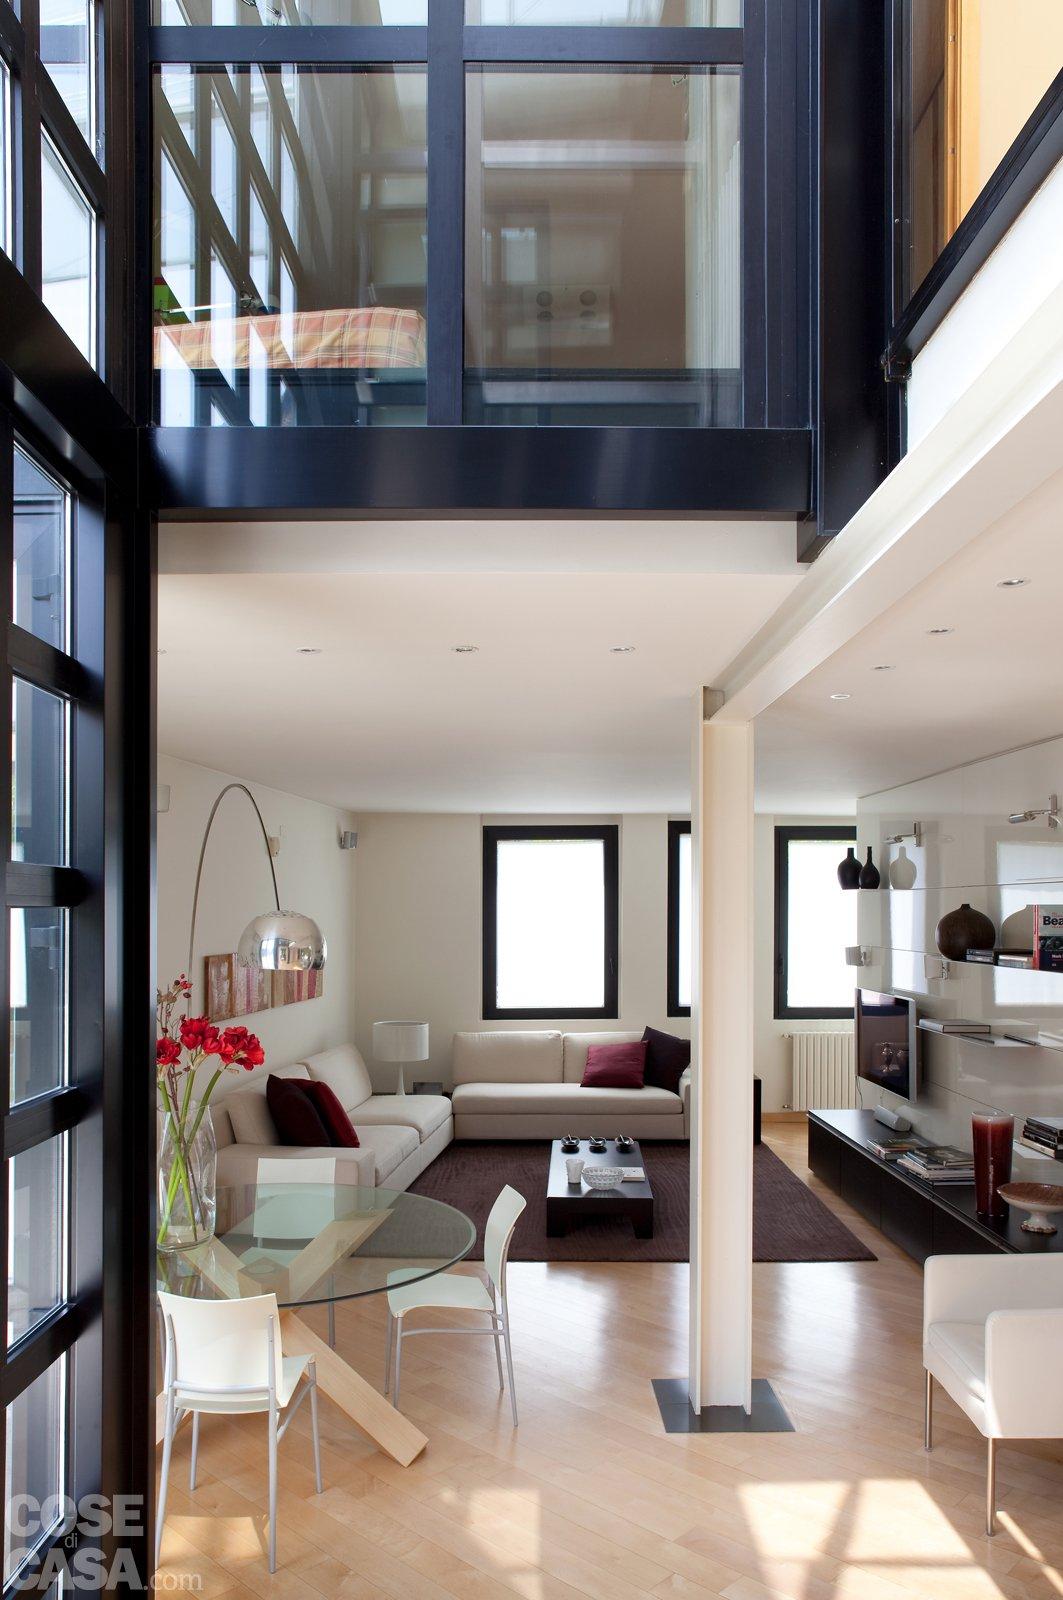 luce sopra mobile : Una casa con soluzioni che moltiplicano la luce - Cose di Casa